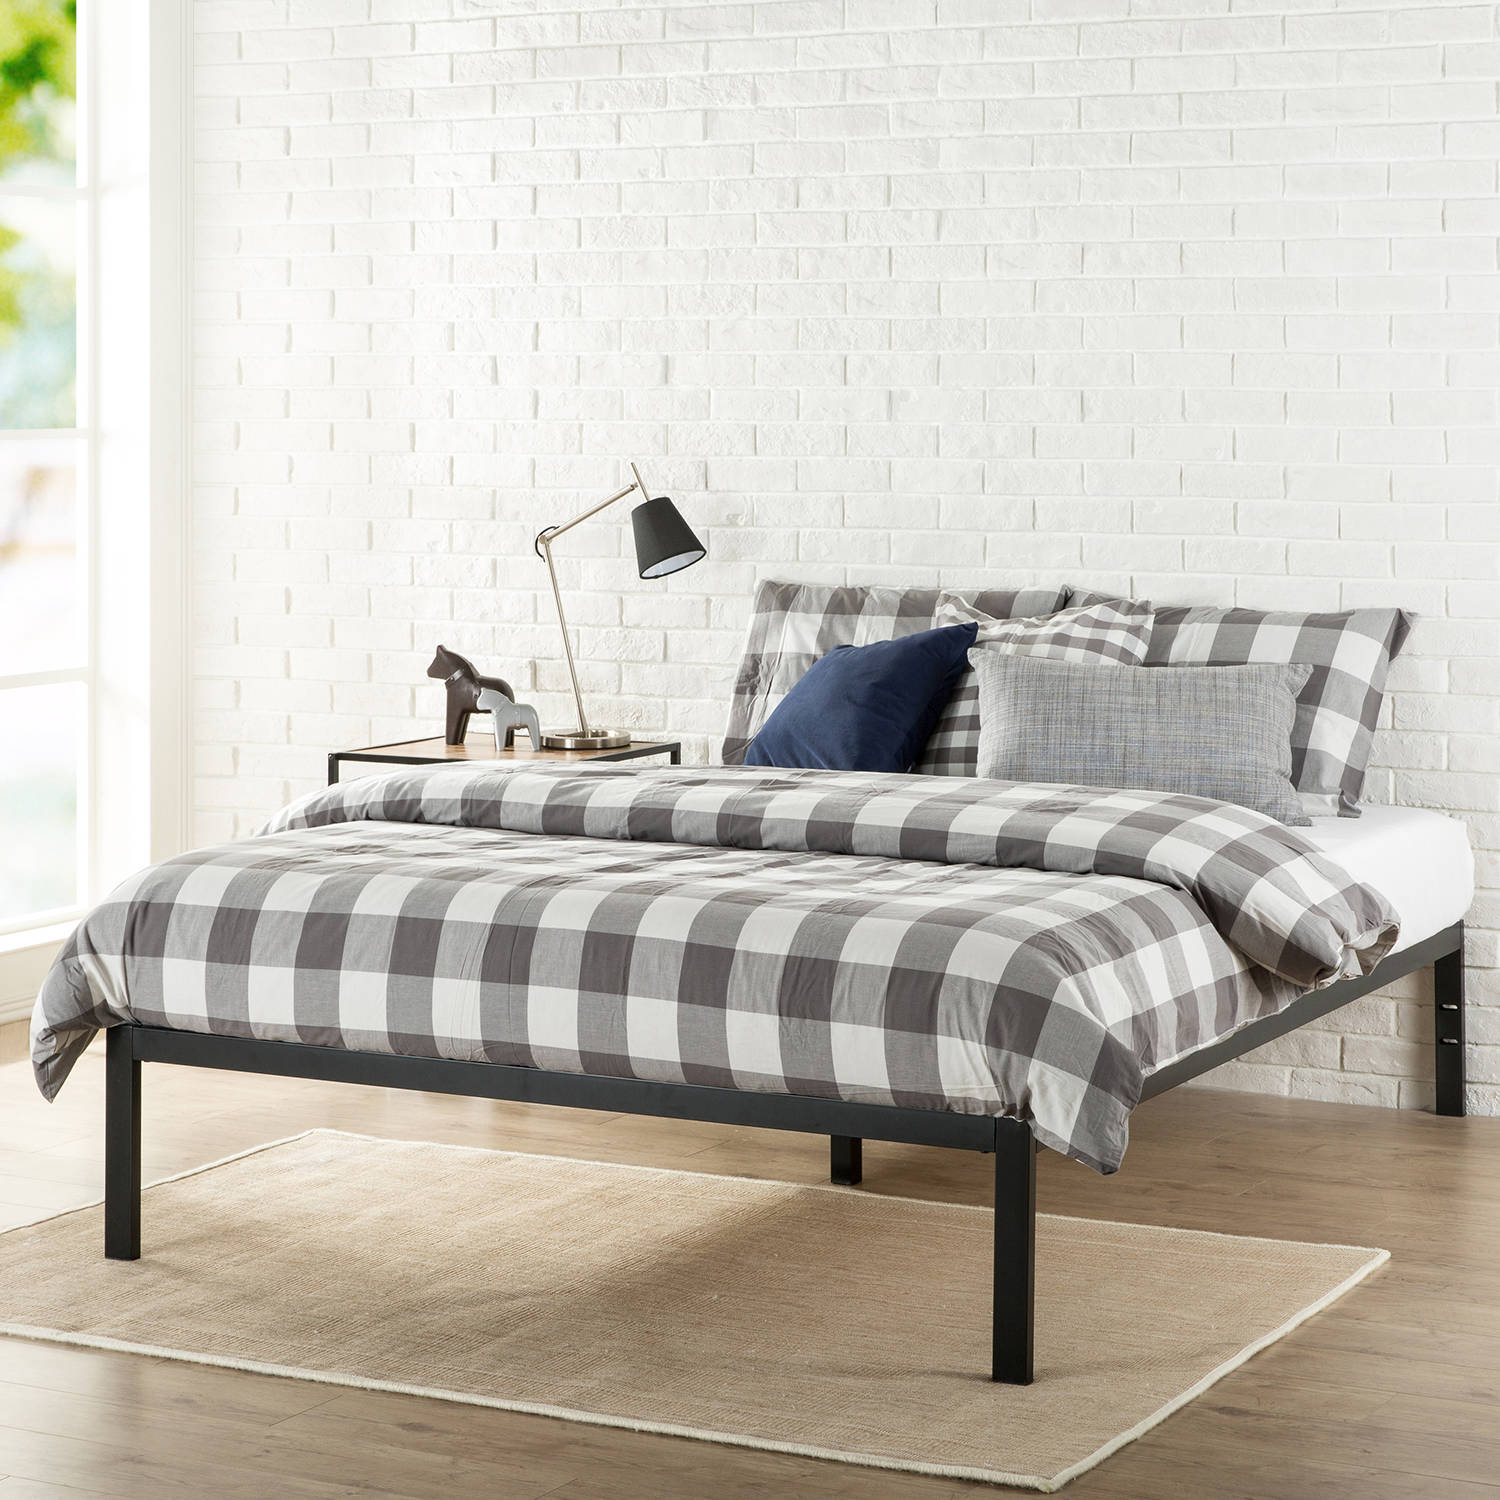 Zinus 14 Metal Platform Bed Multiple Sizes Walmartcom